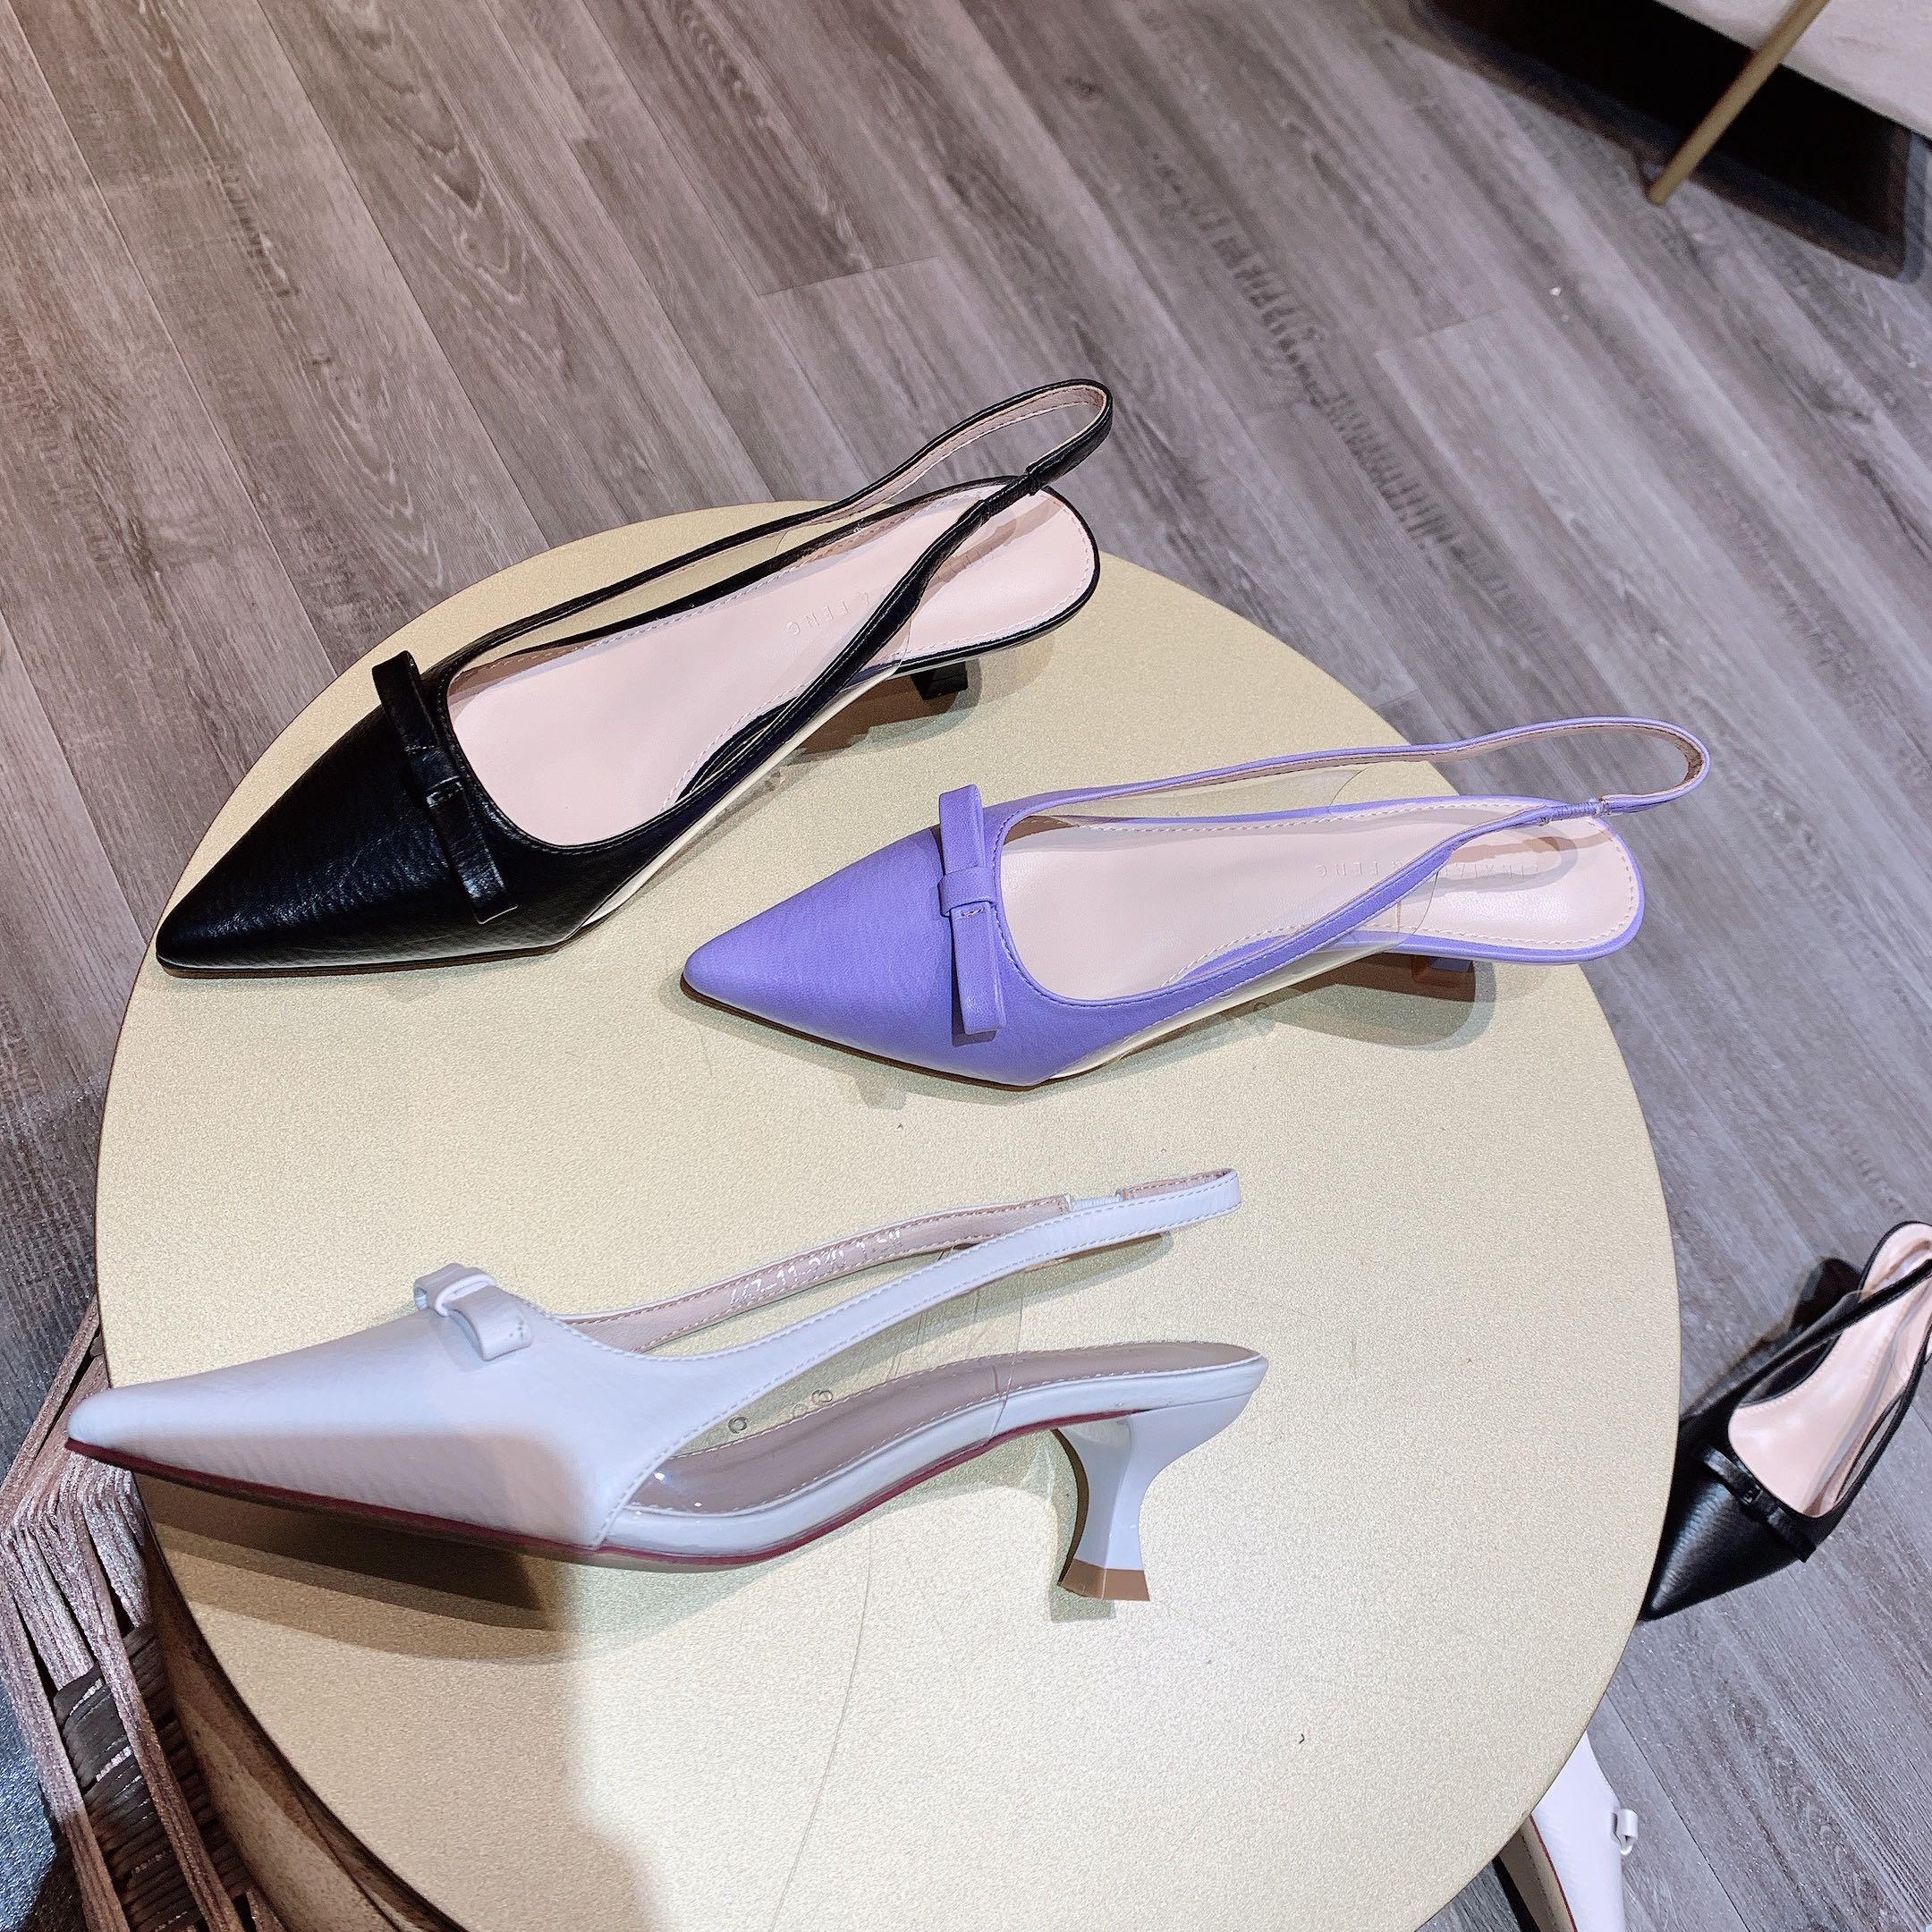 紫色凉鞋 0 性感低跟凉鞋 4厘米女鞋尖头浅口细跟百搭气质职业多色橙色紫色_推荐淘宝好看的紫色凉鞋